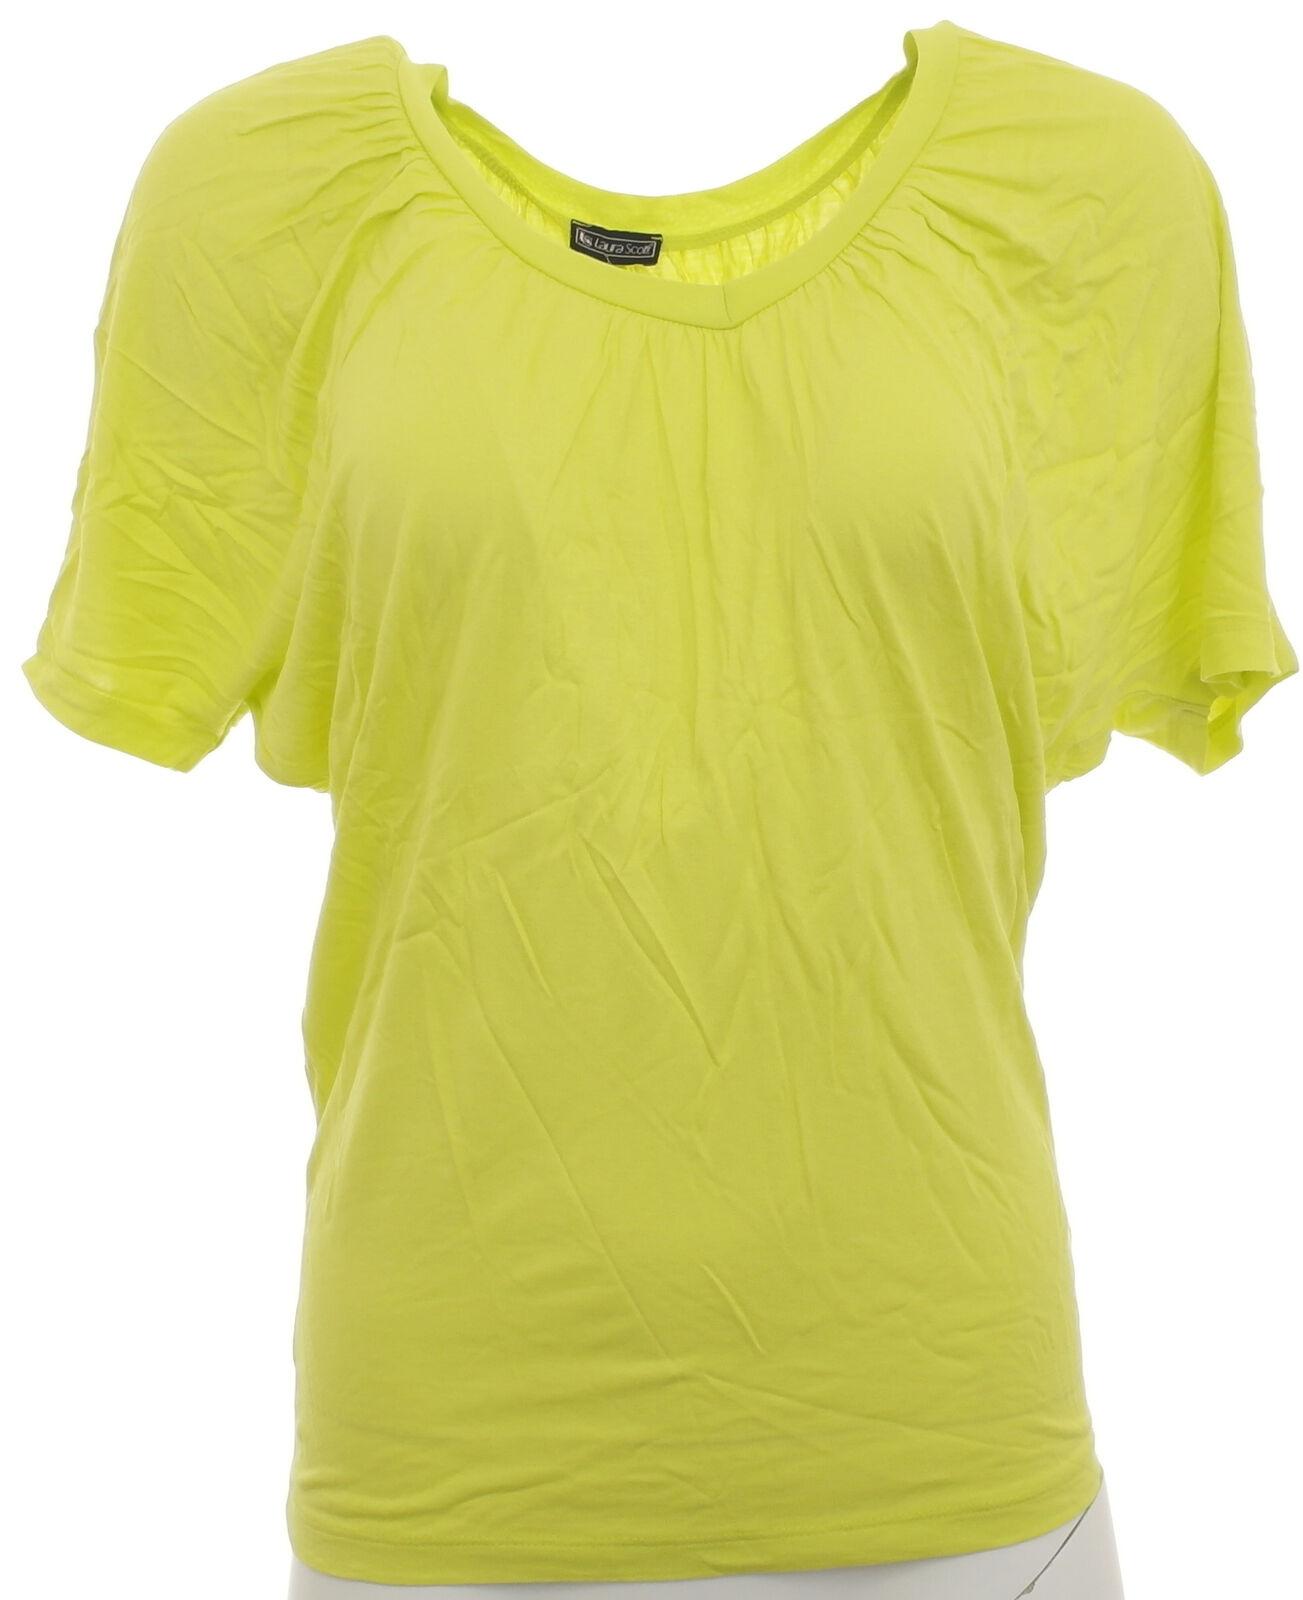 newest e9557 d0f95 Laura Scott Damen Shirt Bluse Tunika T-Shirt Fledermausärmel Doppelpack  216071